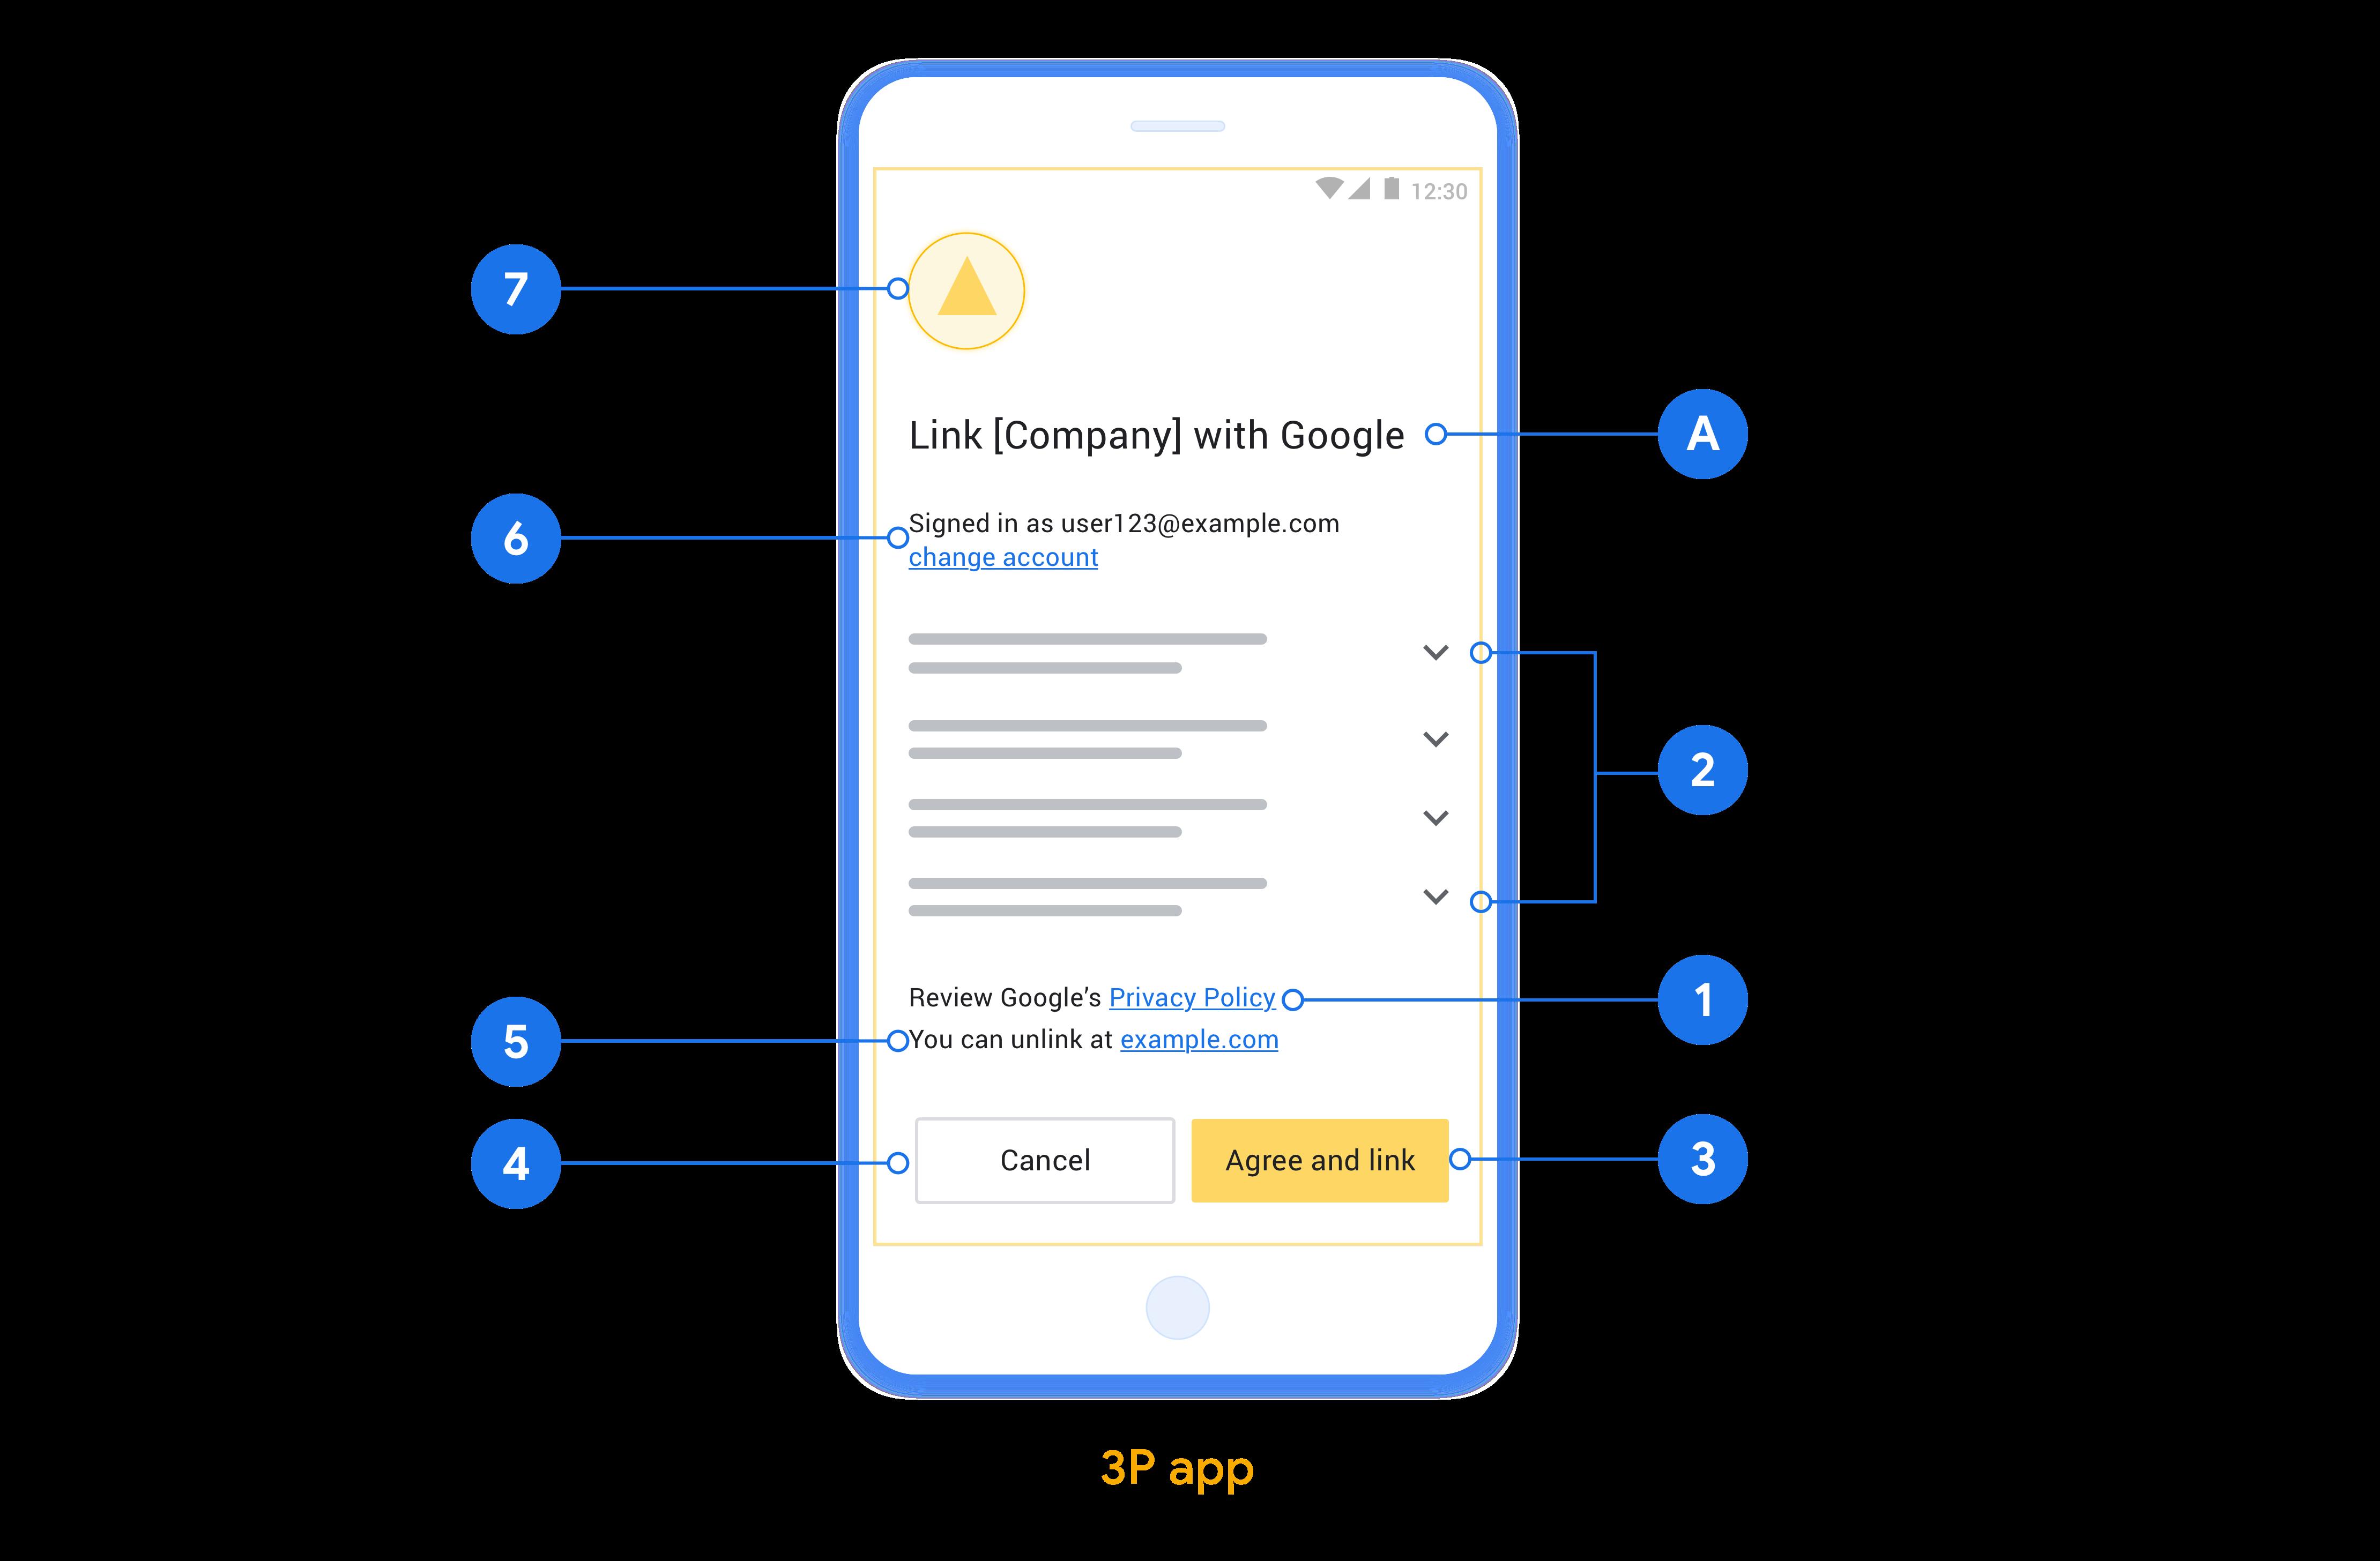 Bu şekil, bir kullanıcı izin ekranı tasarlarken izlenecek bireysel gereksinimlere ve önerilere yönelik çağrıların yer aldığı örnek bir izin ekranını gösterir.